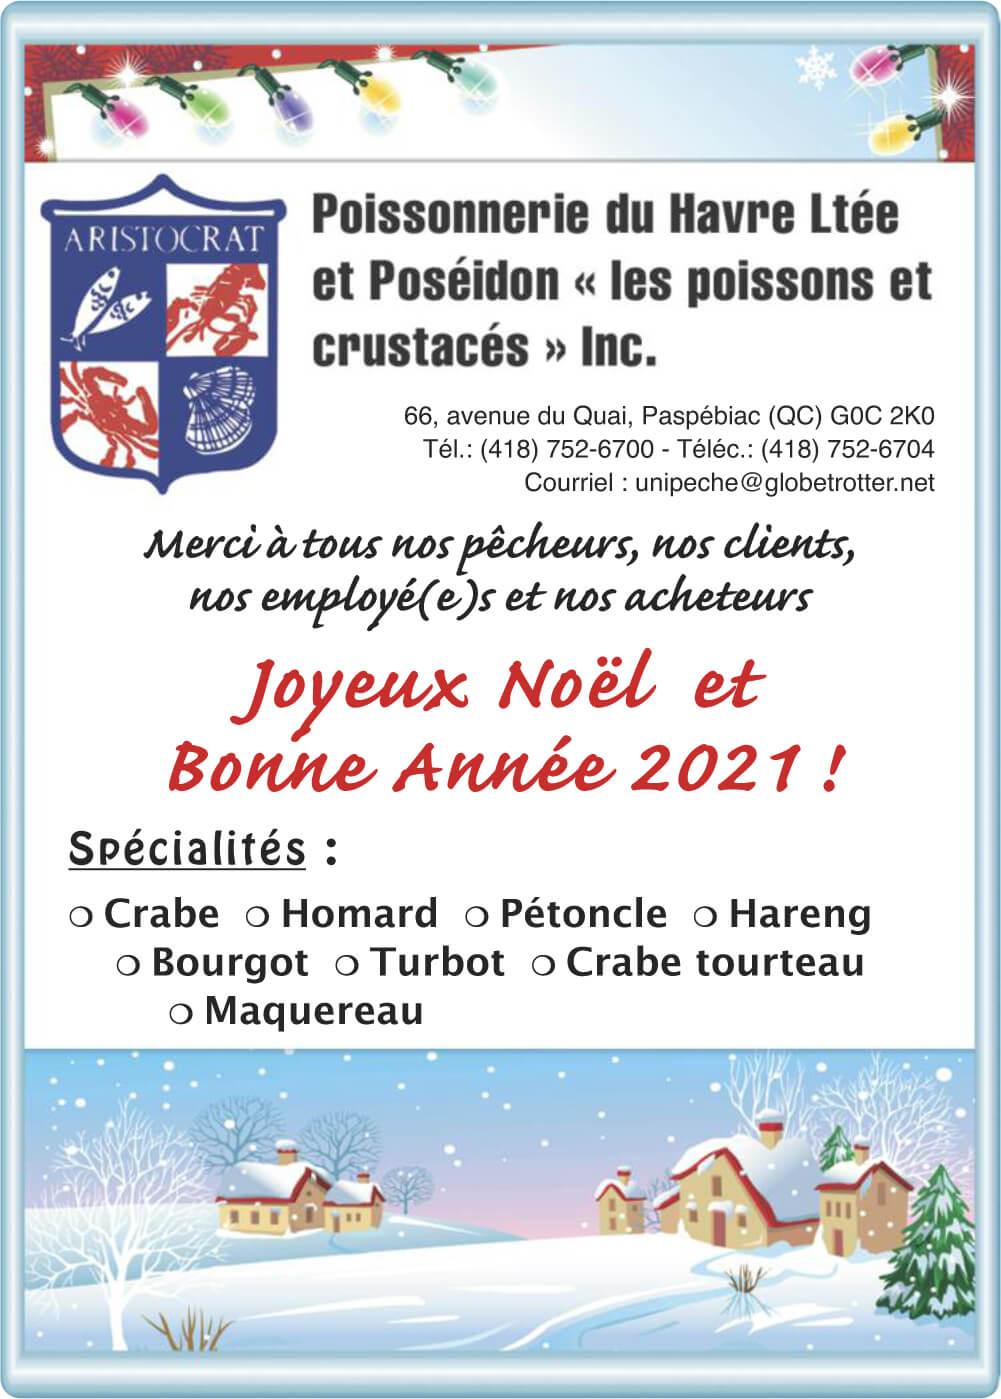 Poissonnerie du Havre Ltée et Poséidon «les poissons et crustacés» inc. Inc.